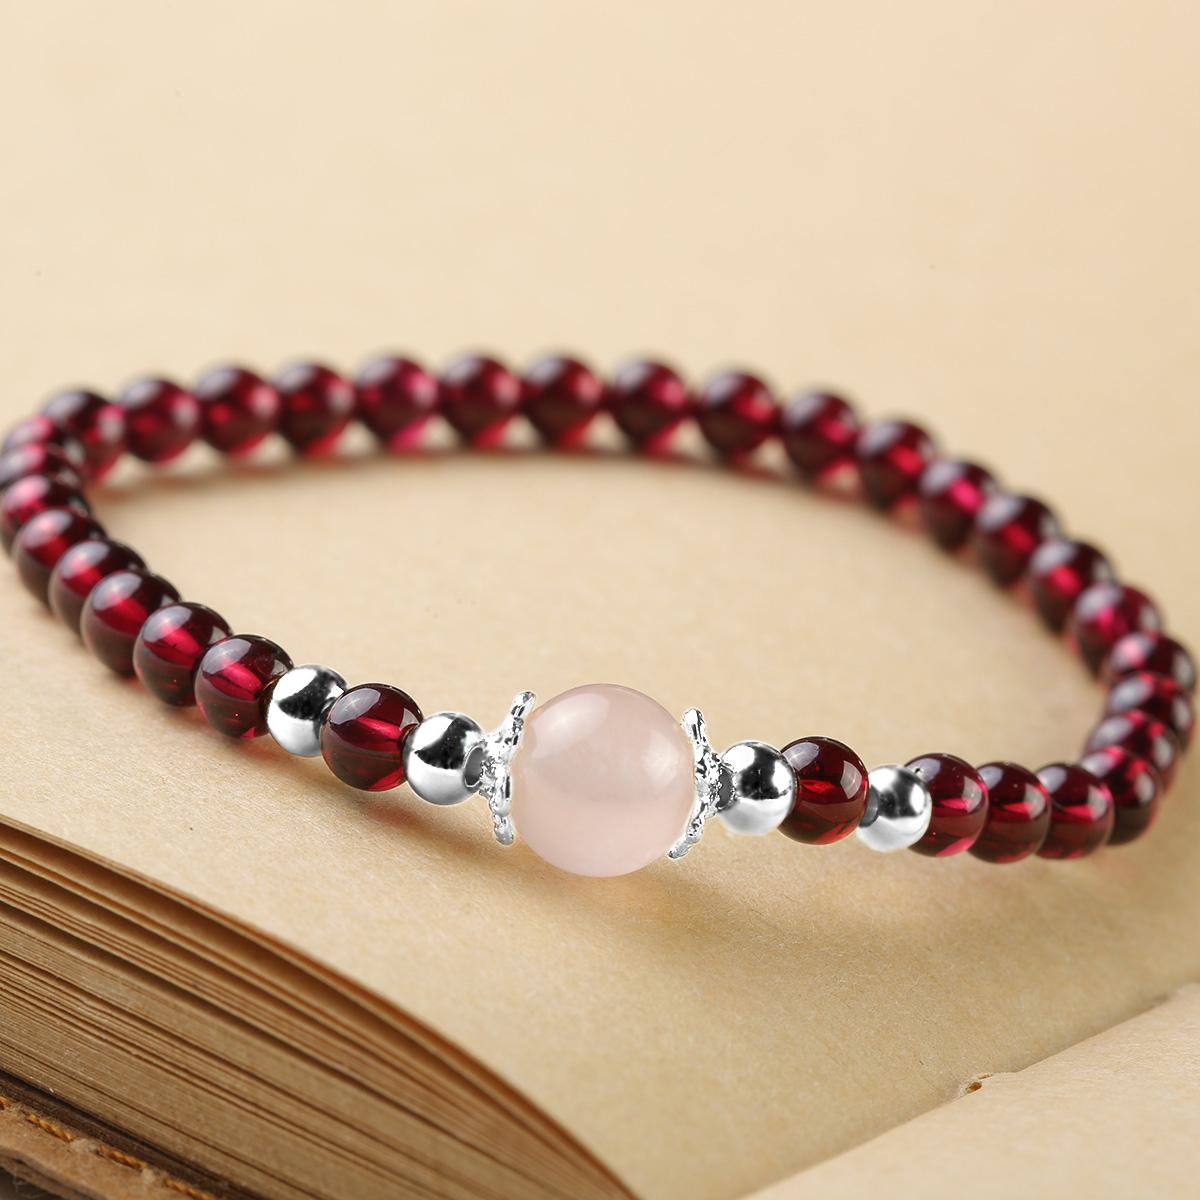 kongfu in hands Ретро дизайн панков турецкий браслеты для глаз для мужчин женщины новая мода браслет женский сова кожаный браслет камень